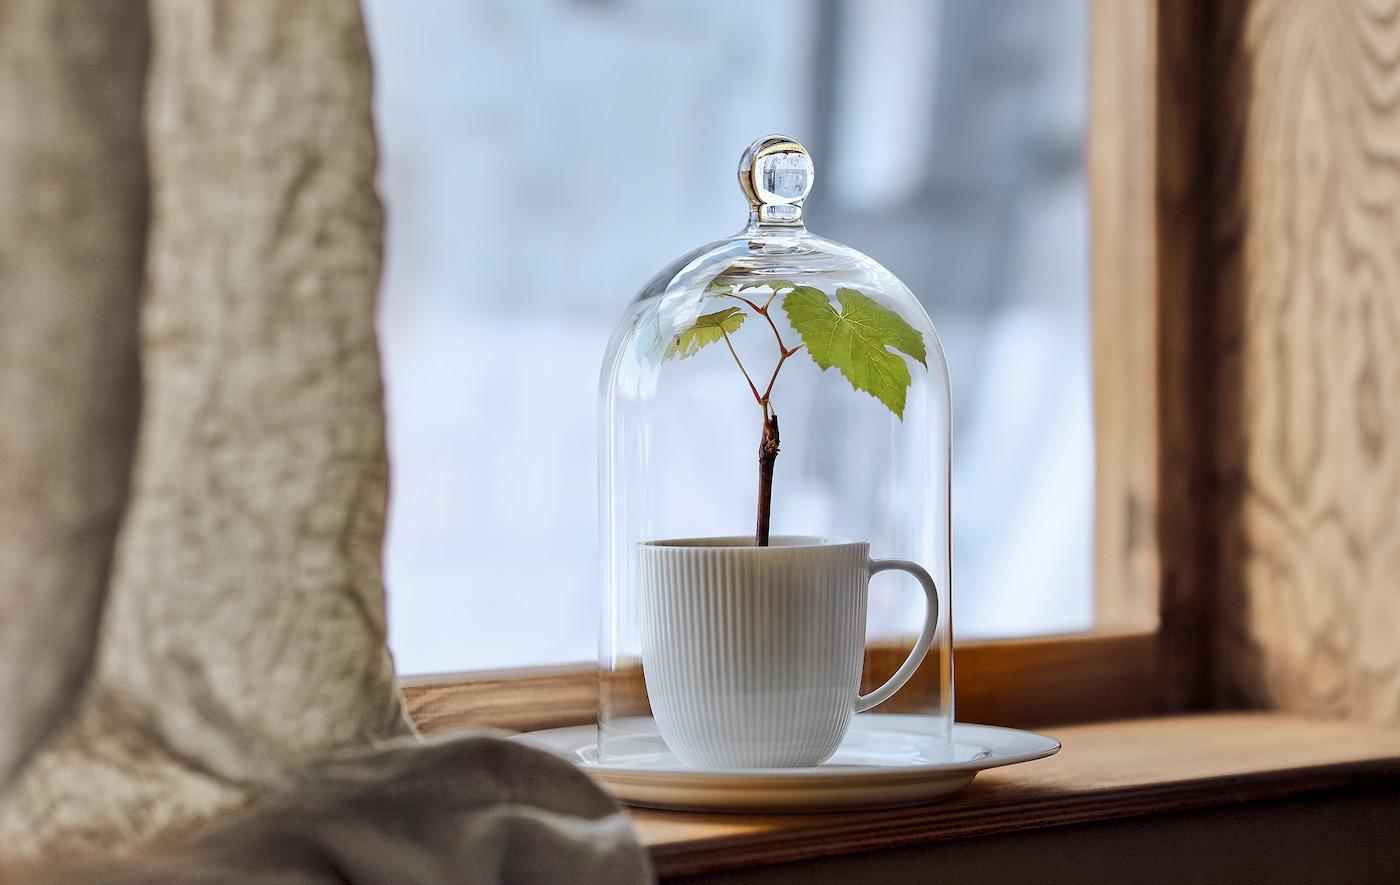 狭窄的窗台上摆放着一只种着微型植物的茶杯,茶杯上方罩着 MORGONTIDIG 穆隆提迪 玻璃罩,后面是冬日景色。